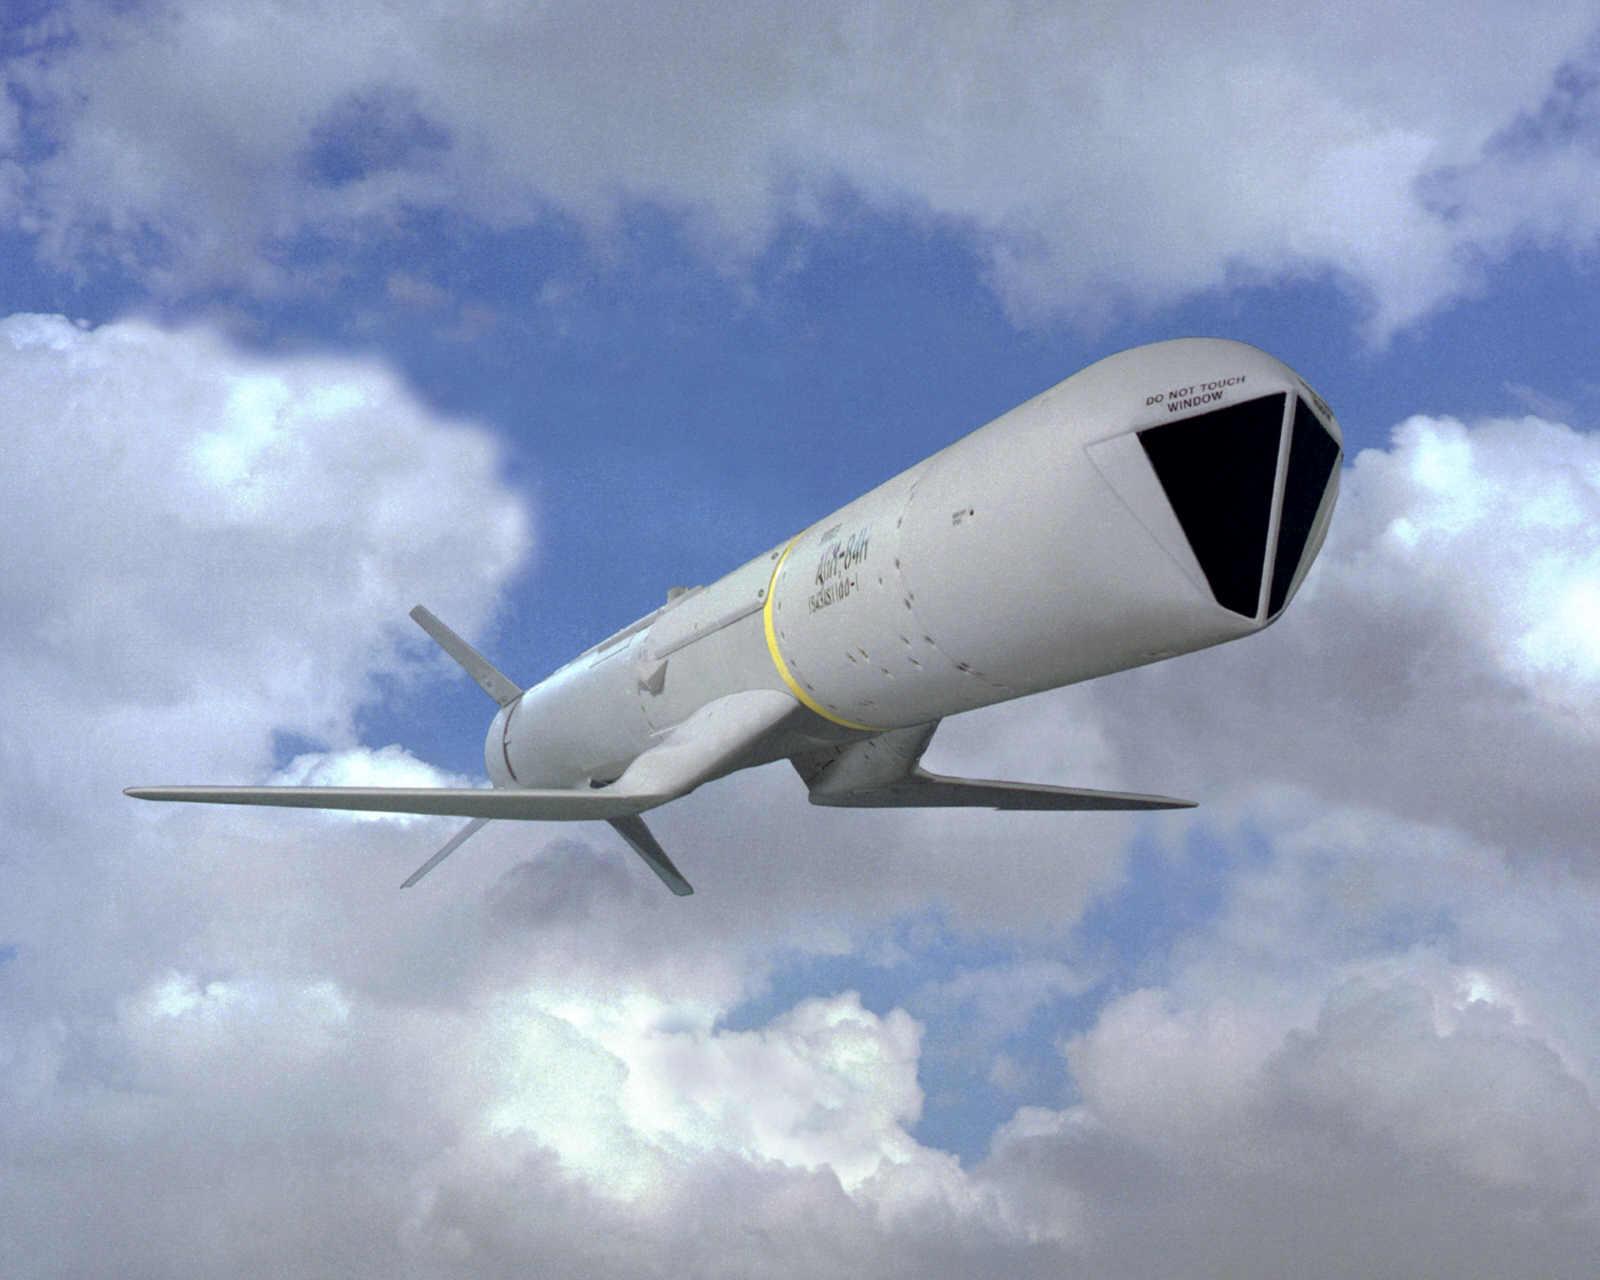 http://www.aereo.jor.br/wp-content/uploads/2010/02/SLAM-ER.jpeg